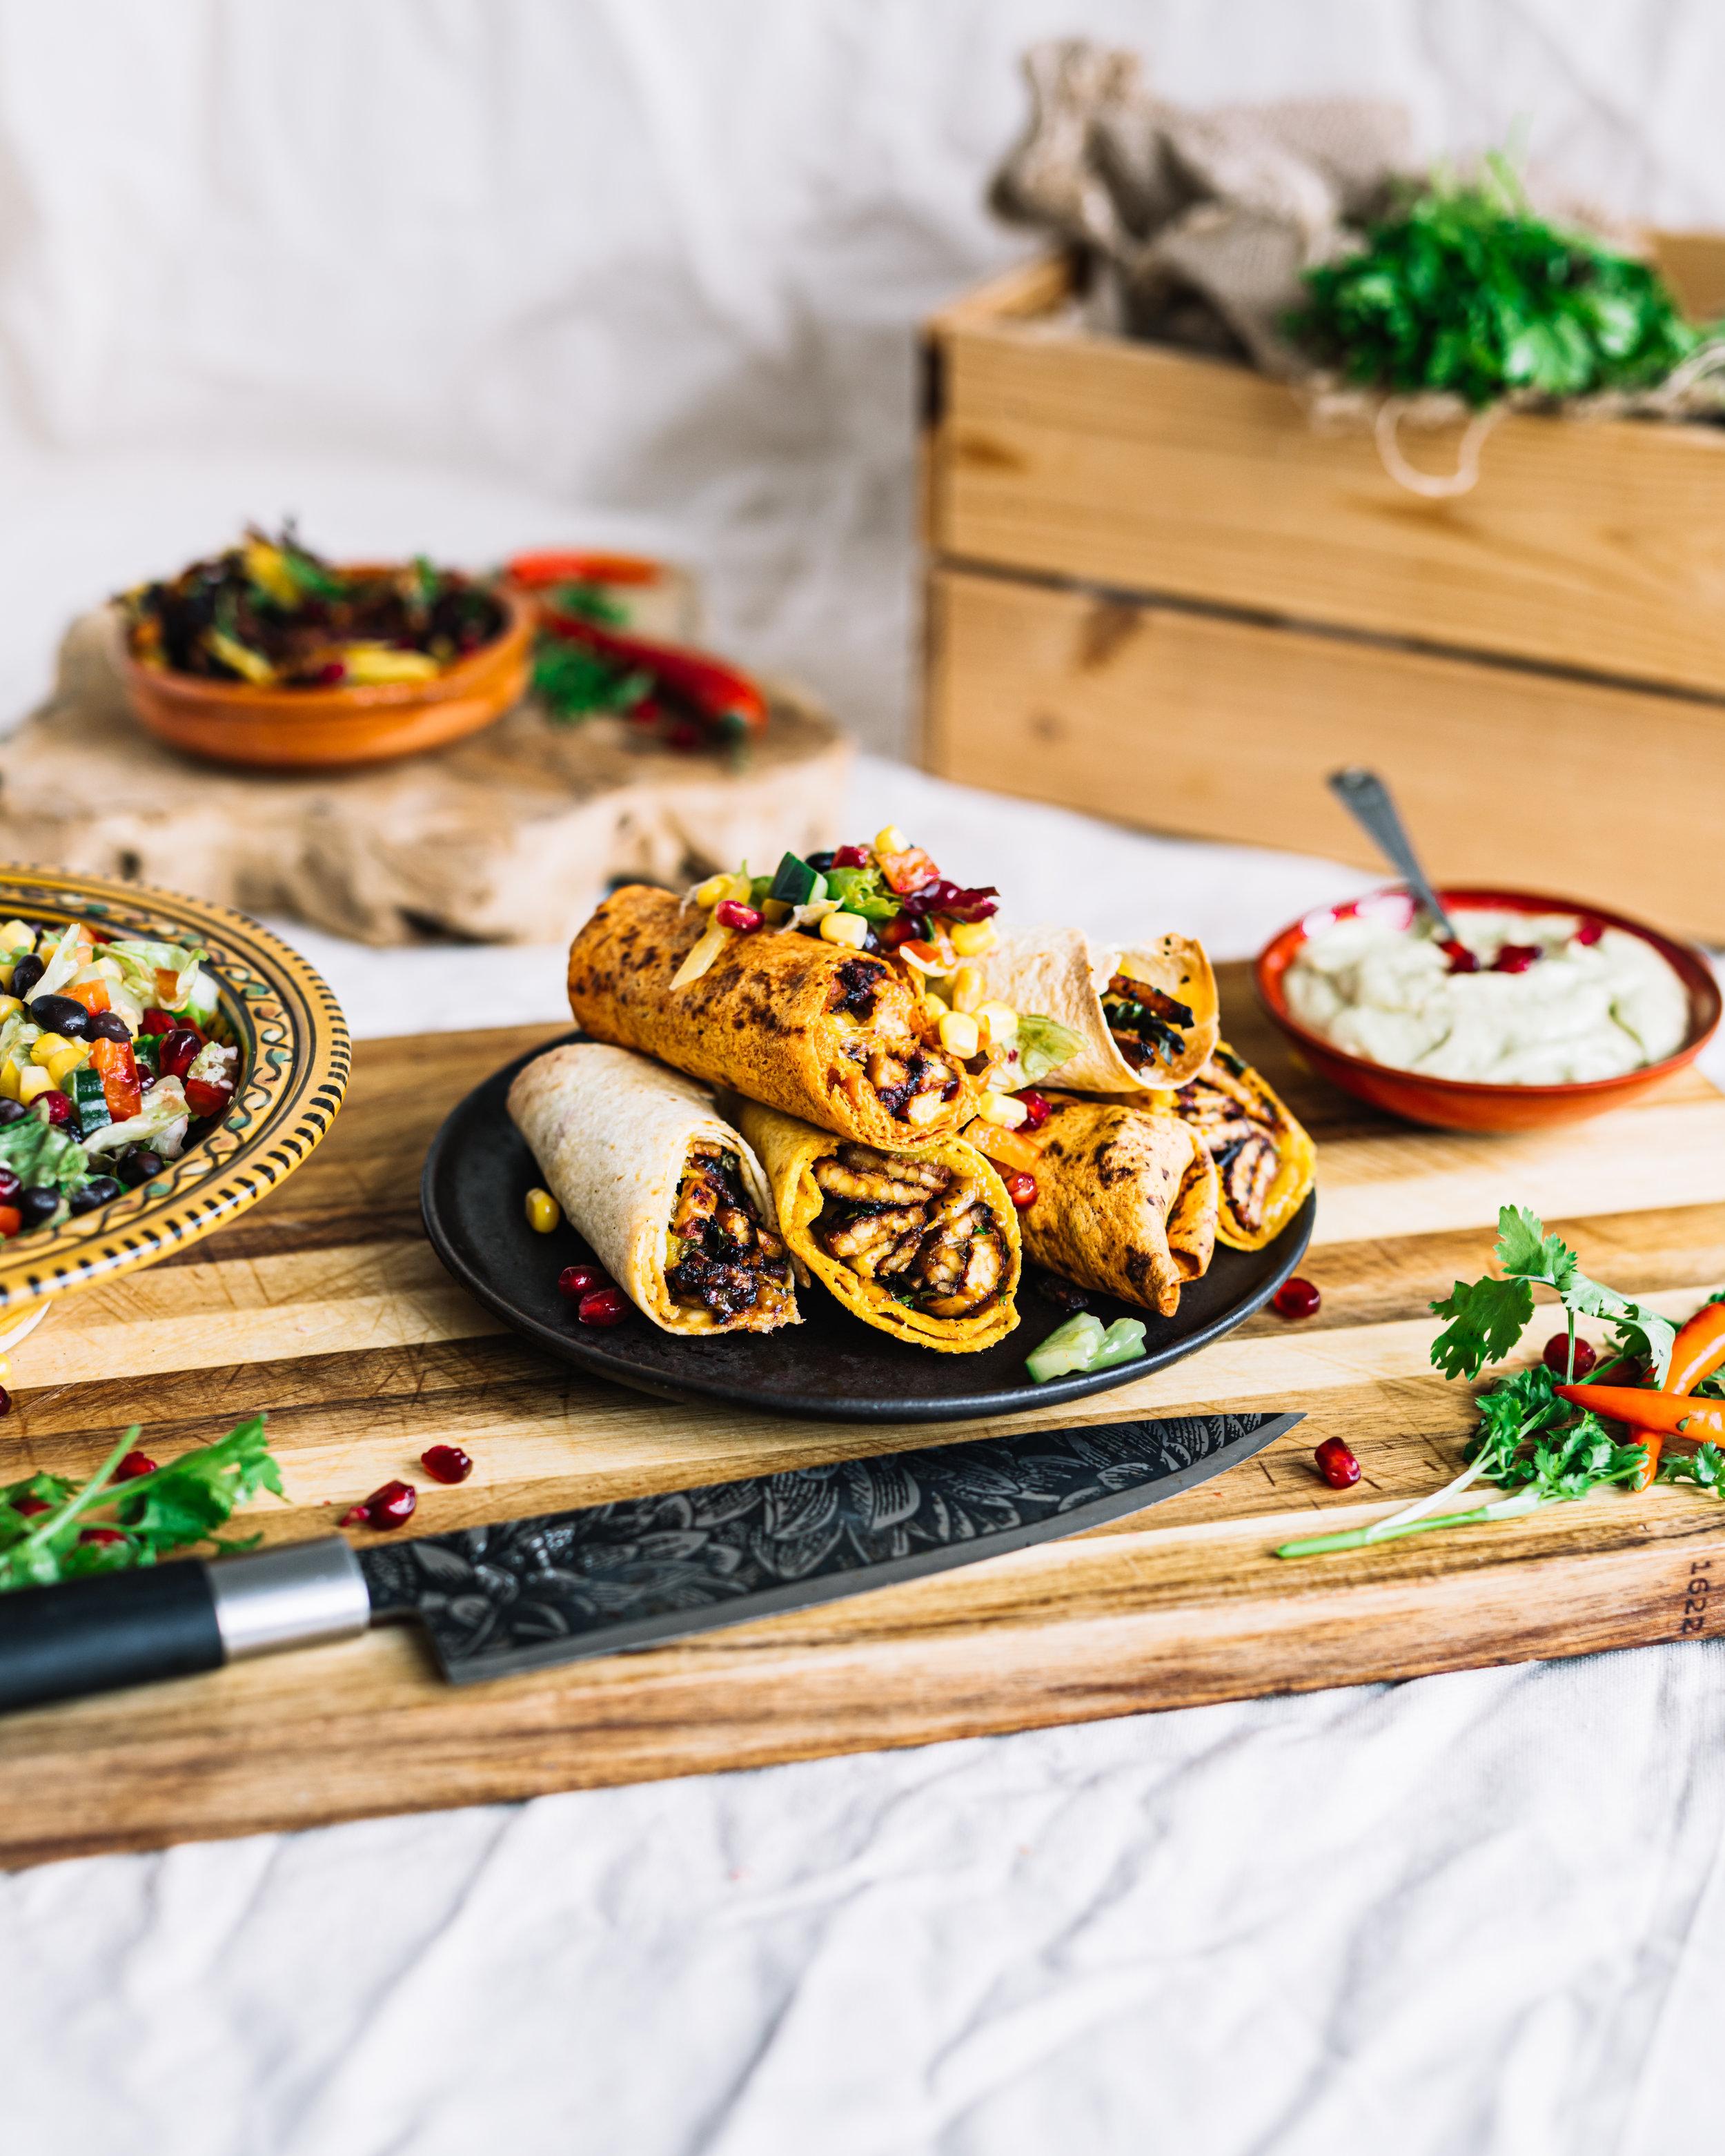 Sweet & spicy flautas met tempeh8.jpg